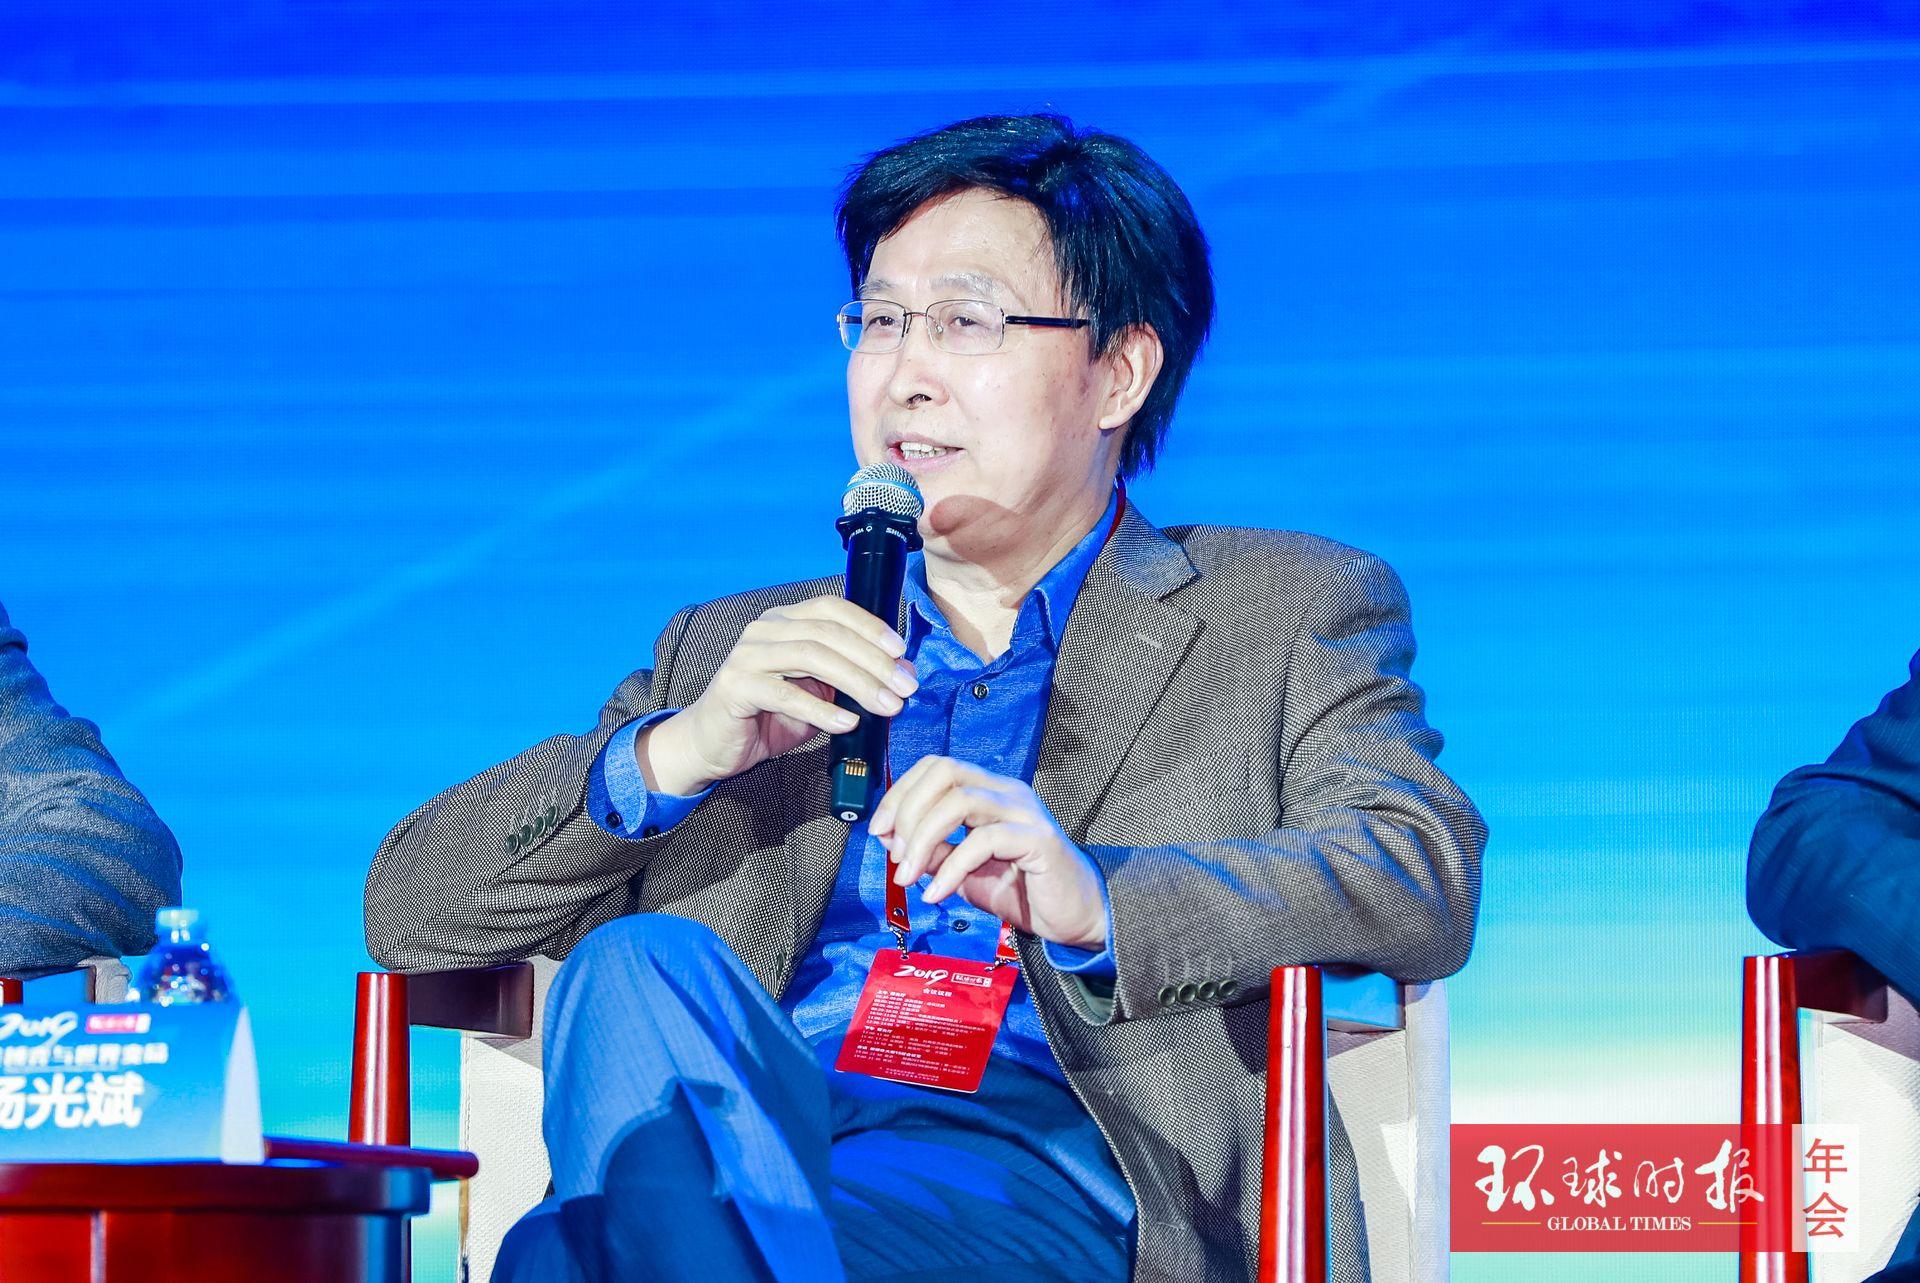 杨光斌:三组数字反映出世界政治结构变化,变化对中国有利